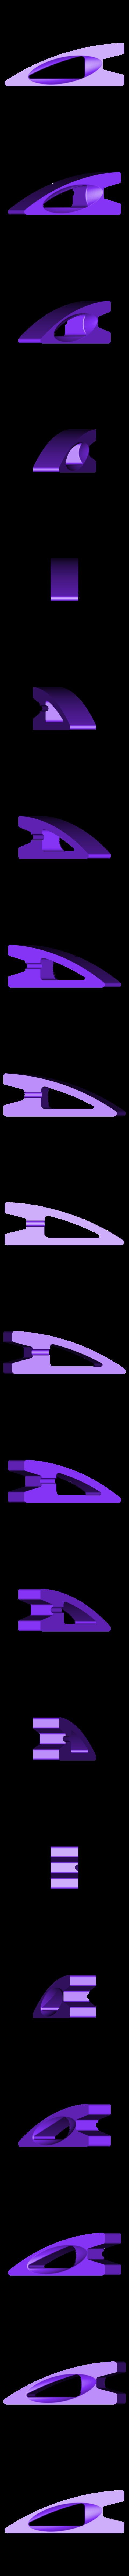 base_half.STL Télécharger fichier STL gratuit Outil de ponçage • Plan imprimable en 3D, perinski